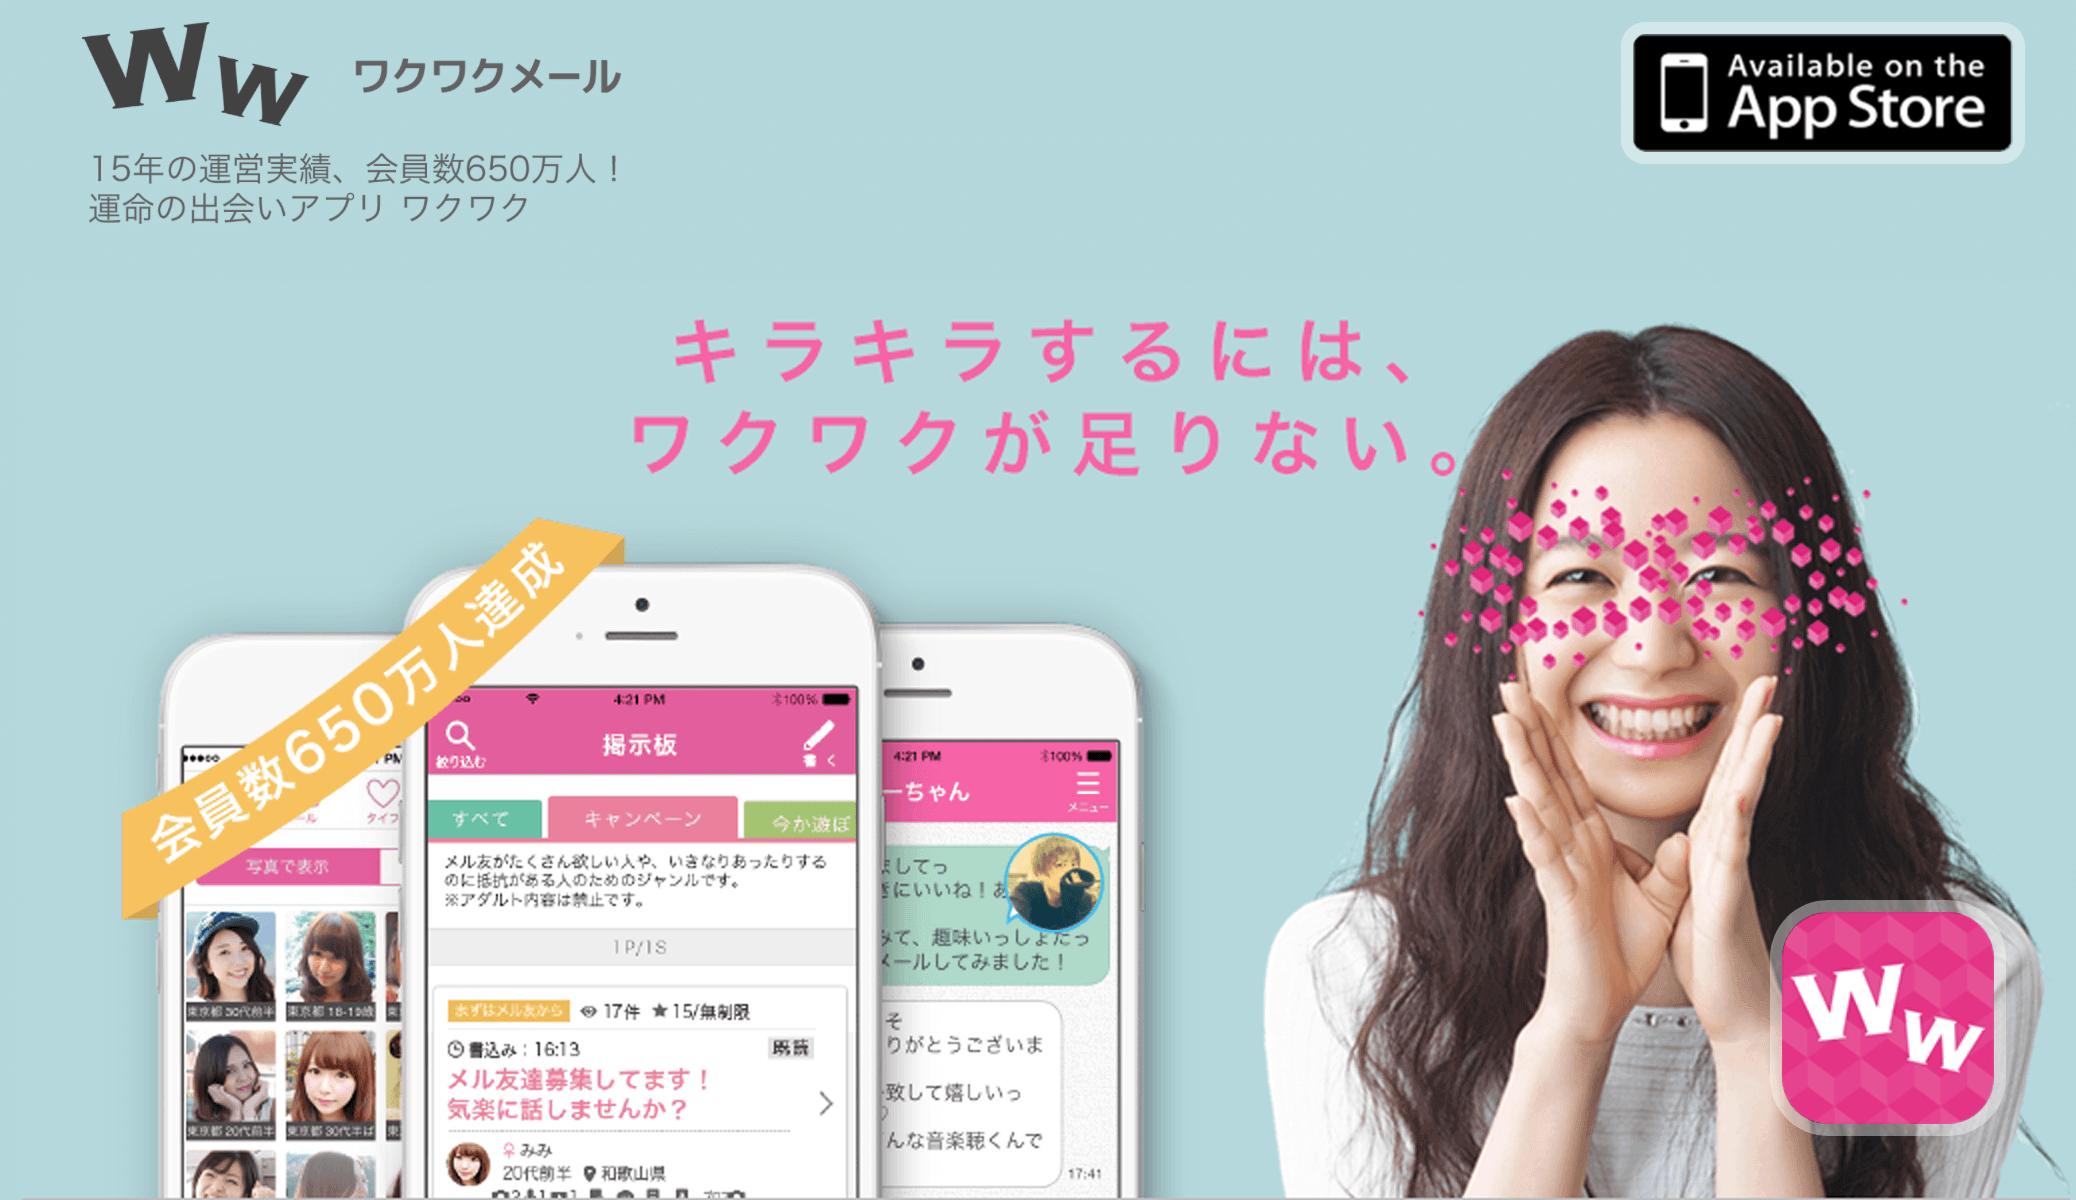 出会い系アプリ「ワクワクメール」の公式ページ